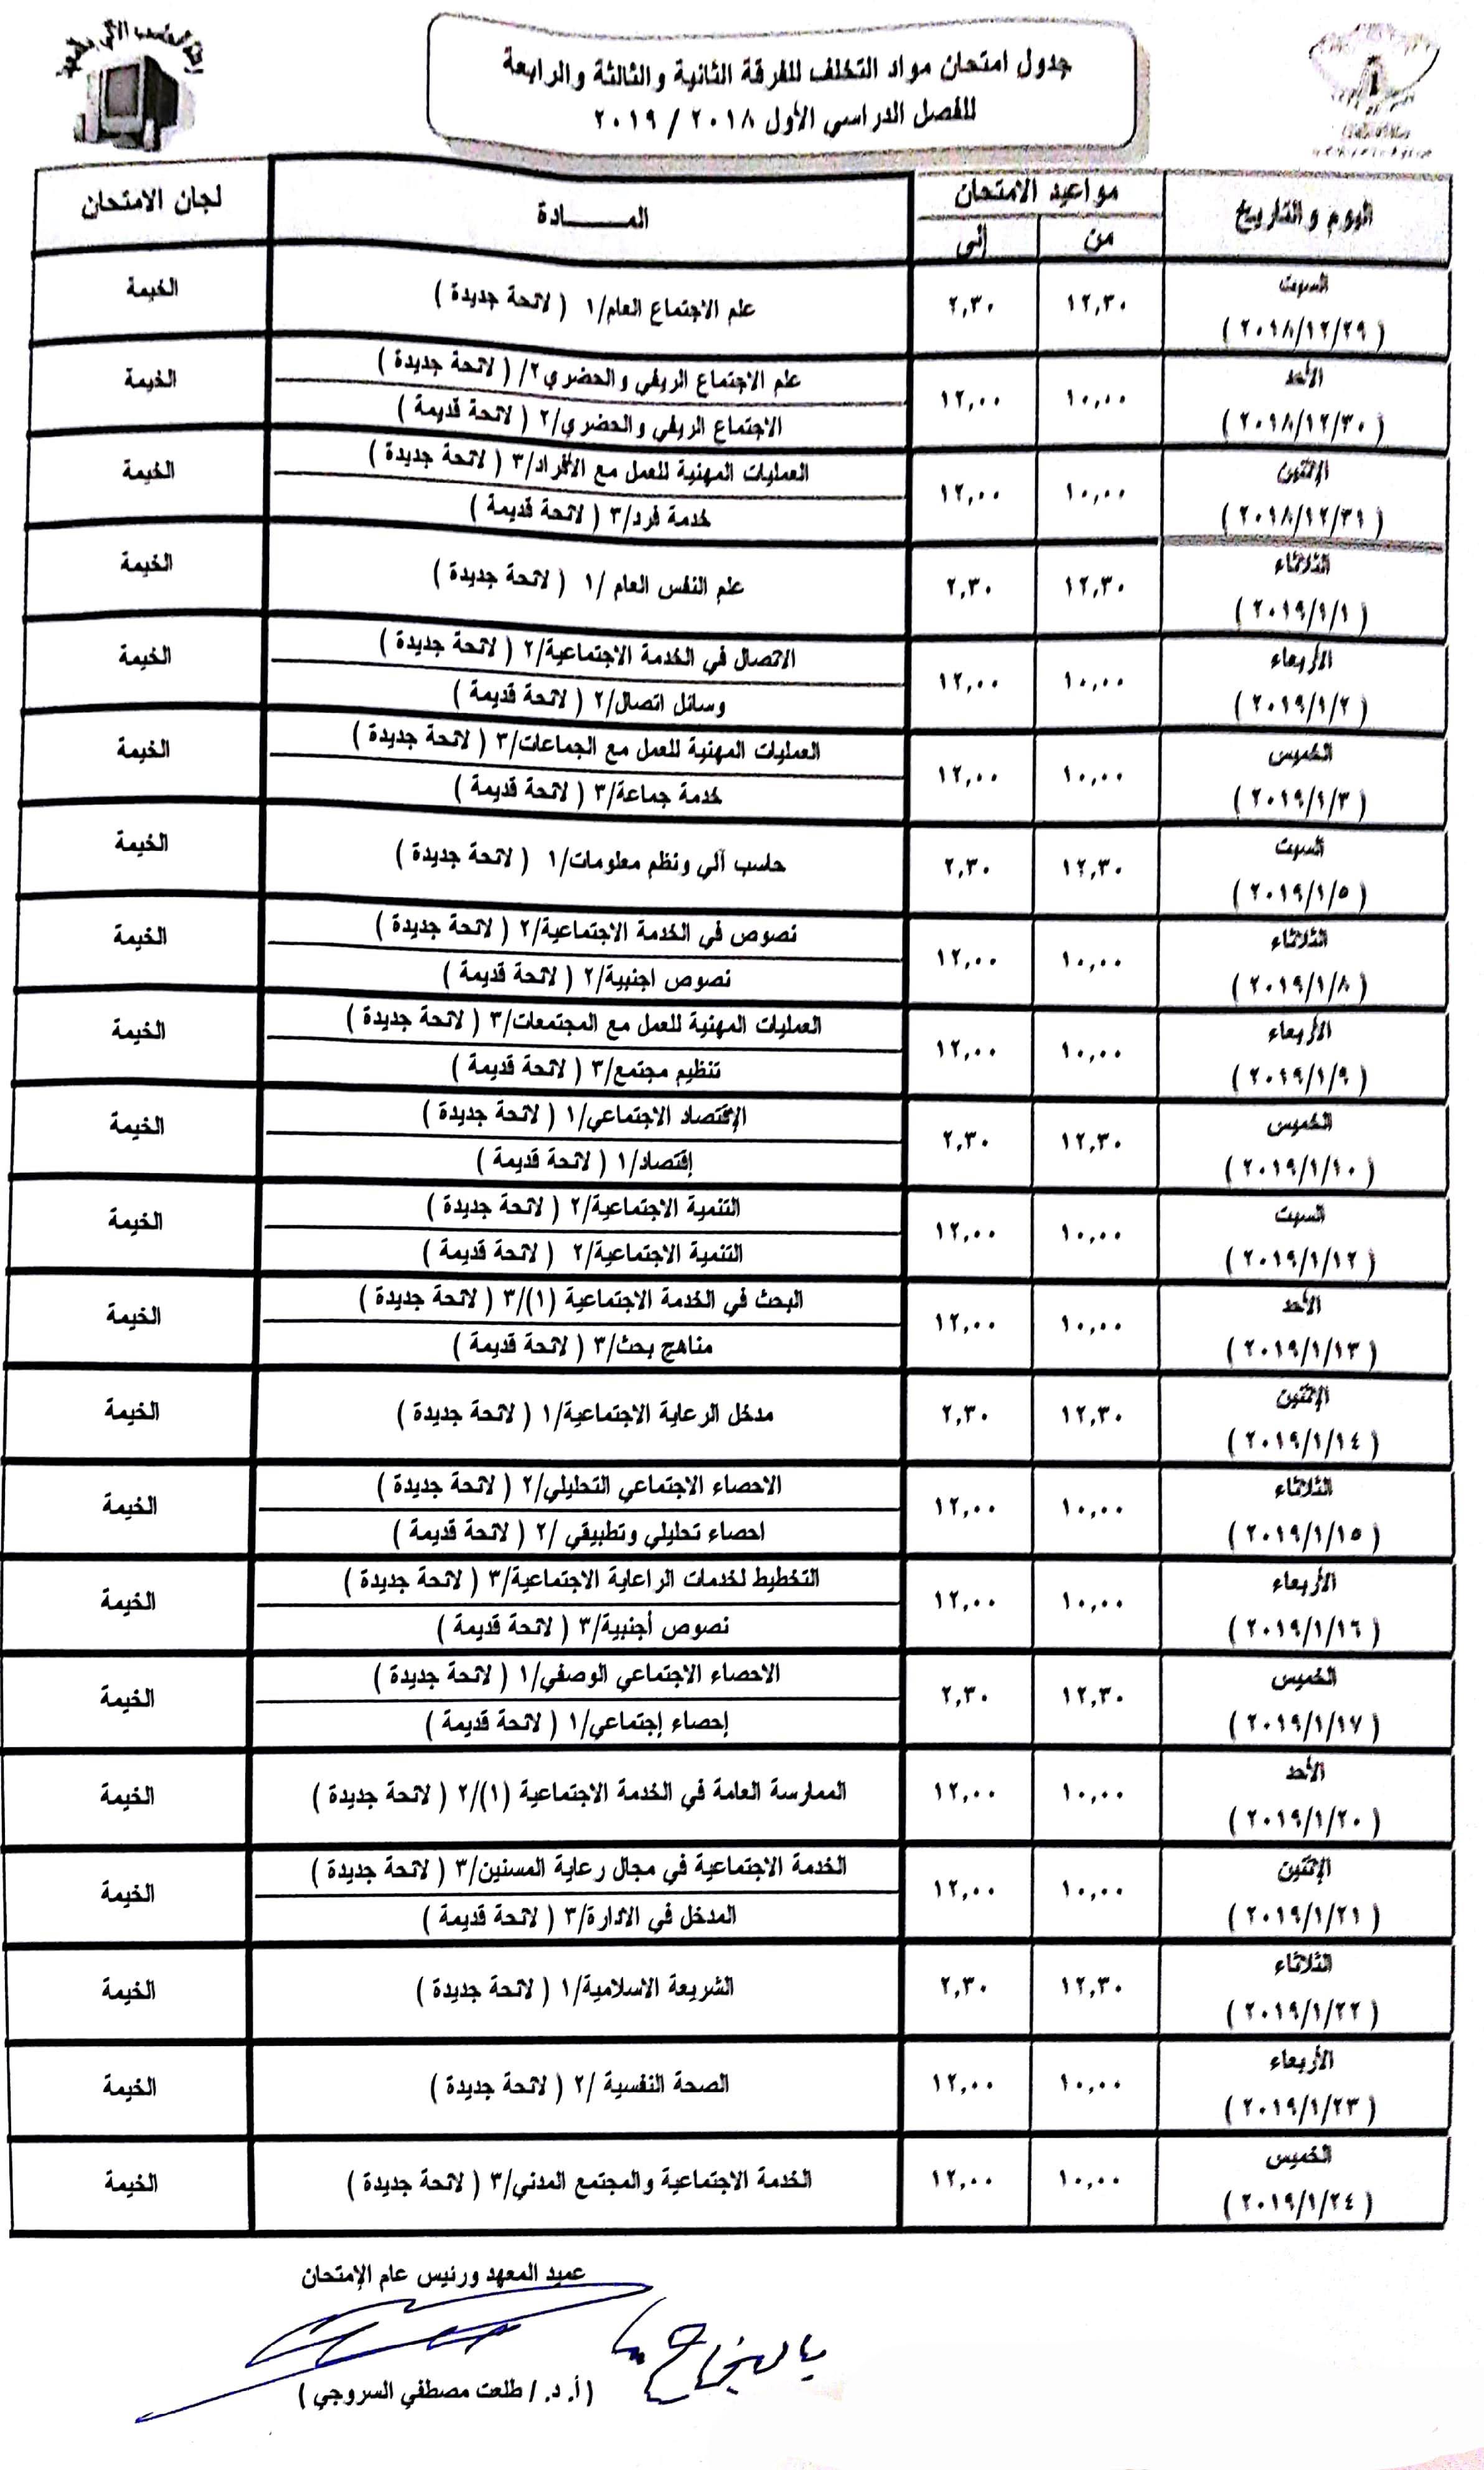 جدول التخلفات